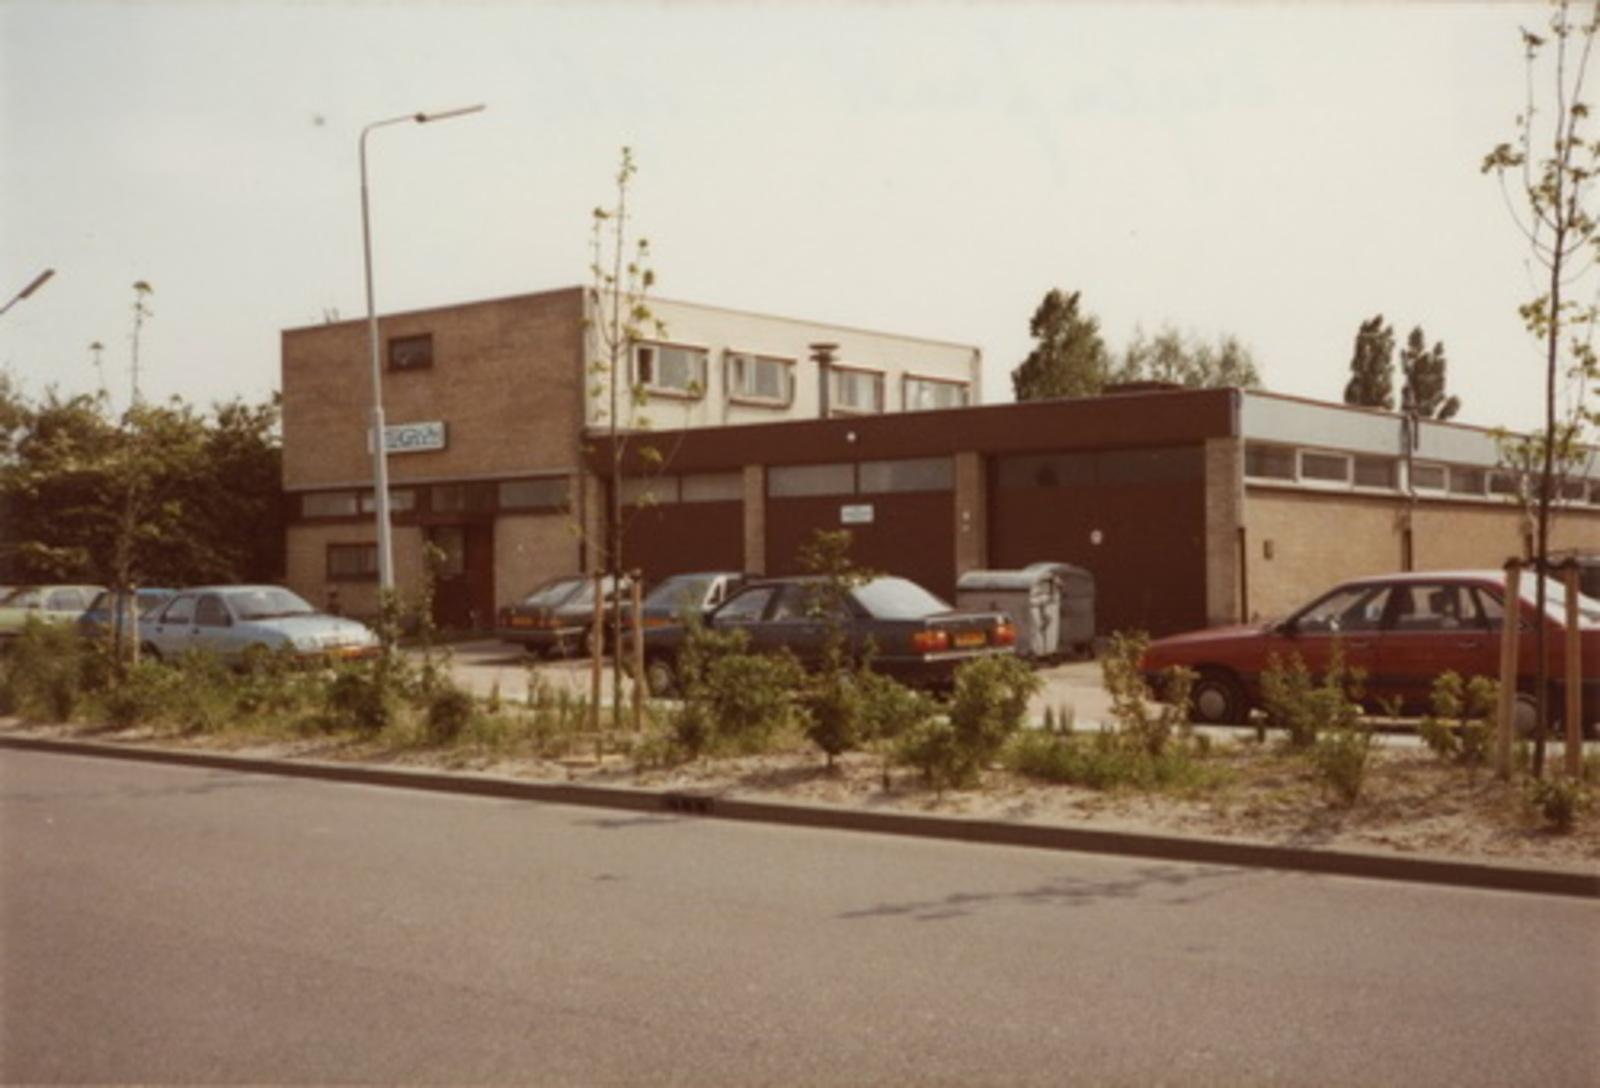 Wijkmeerstraat 0042 1983 Kantoor en Bedrijfspand Intergraph